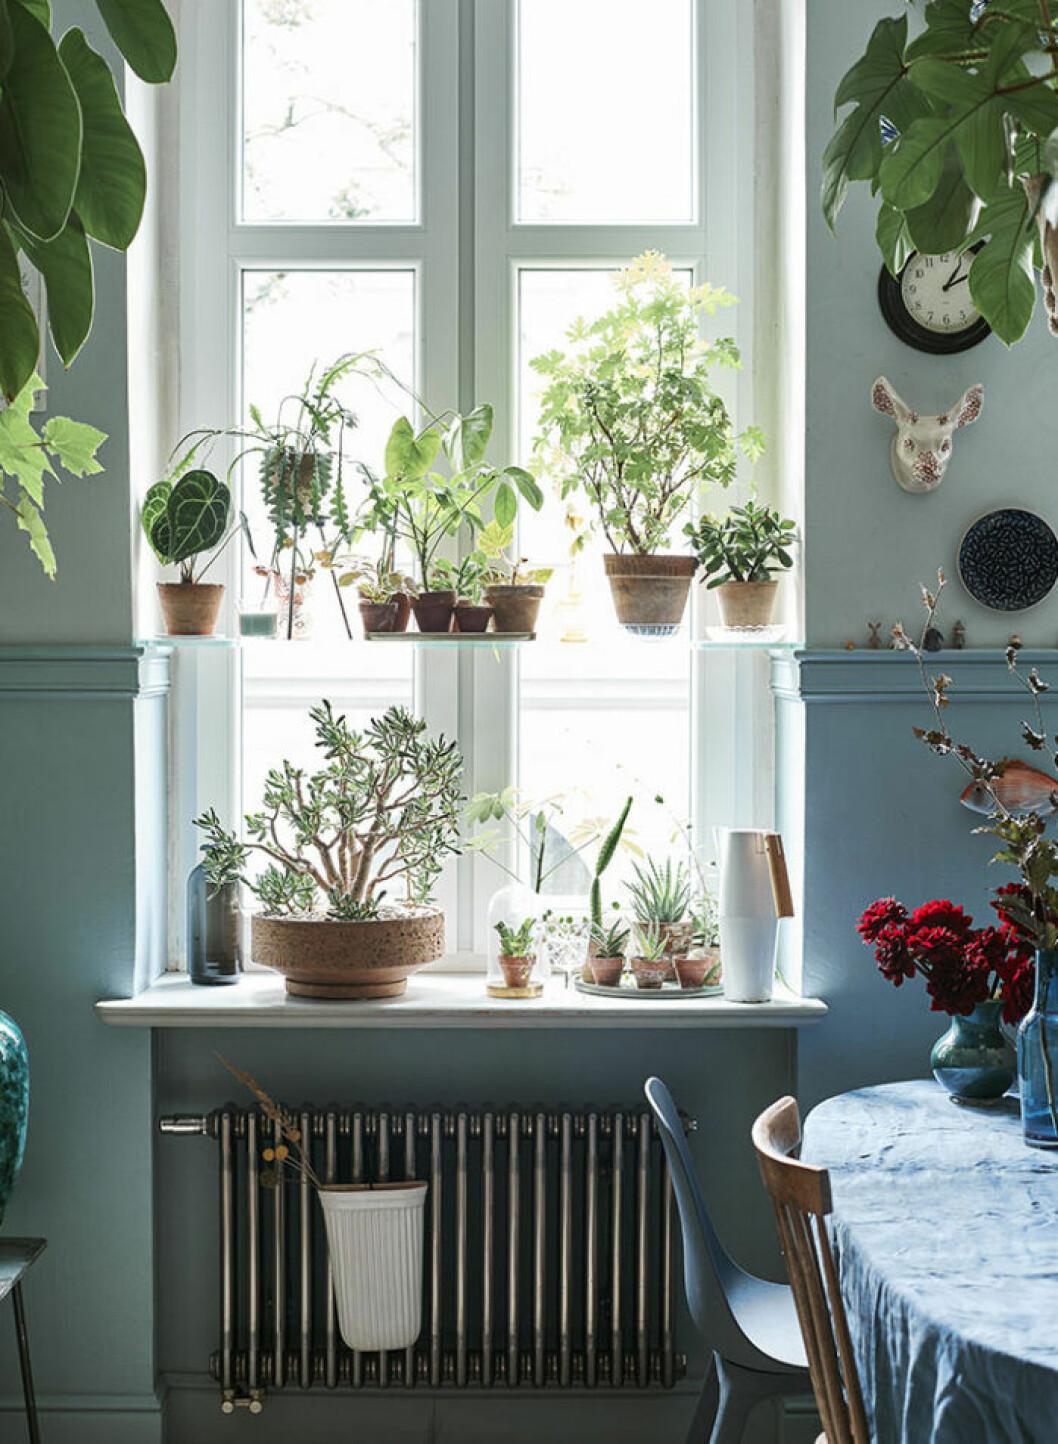 En luftfuktare är ett bra tips för växter